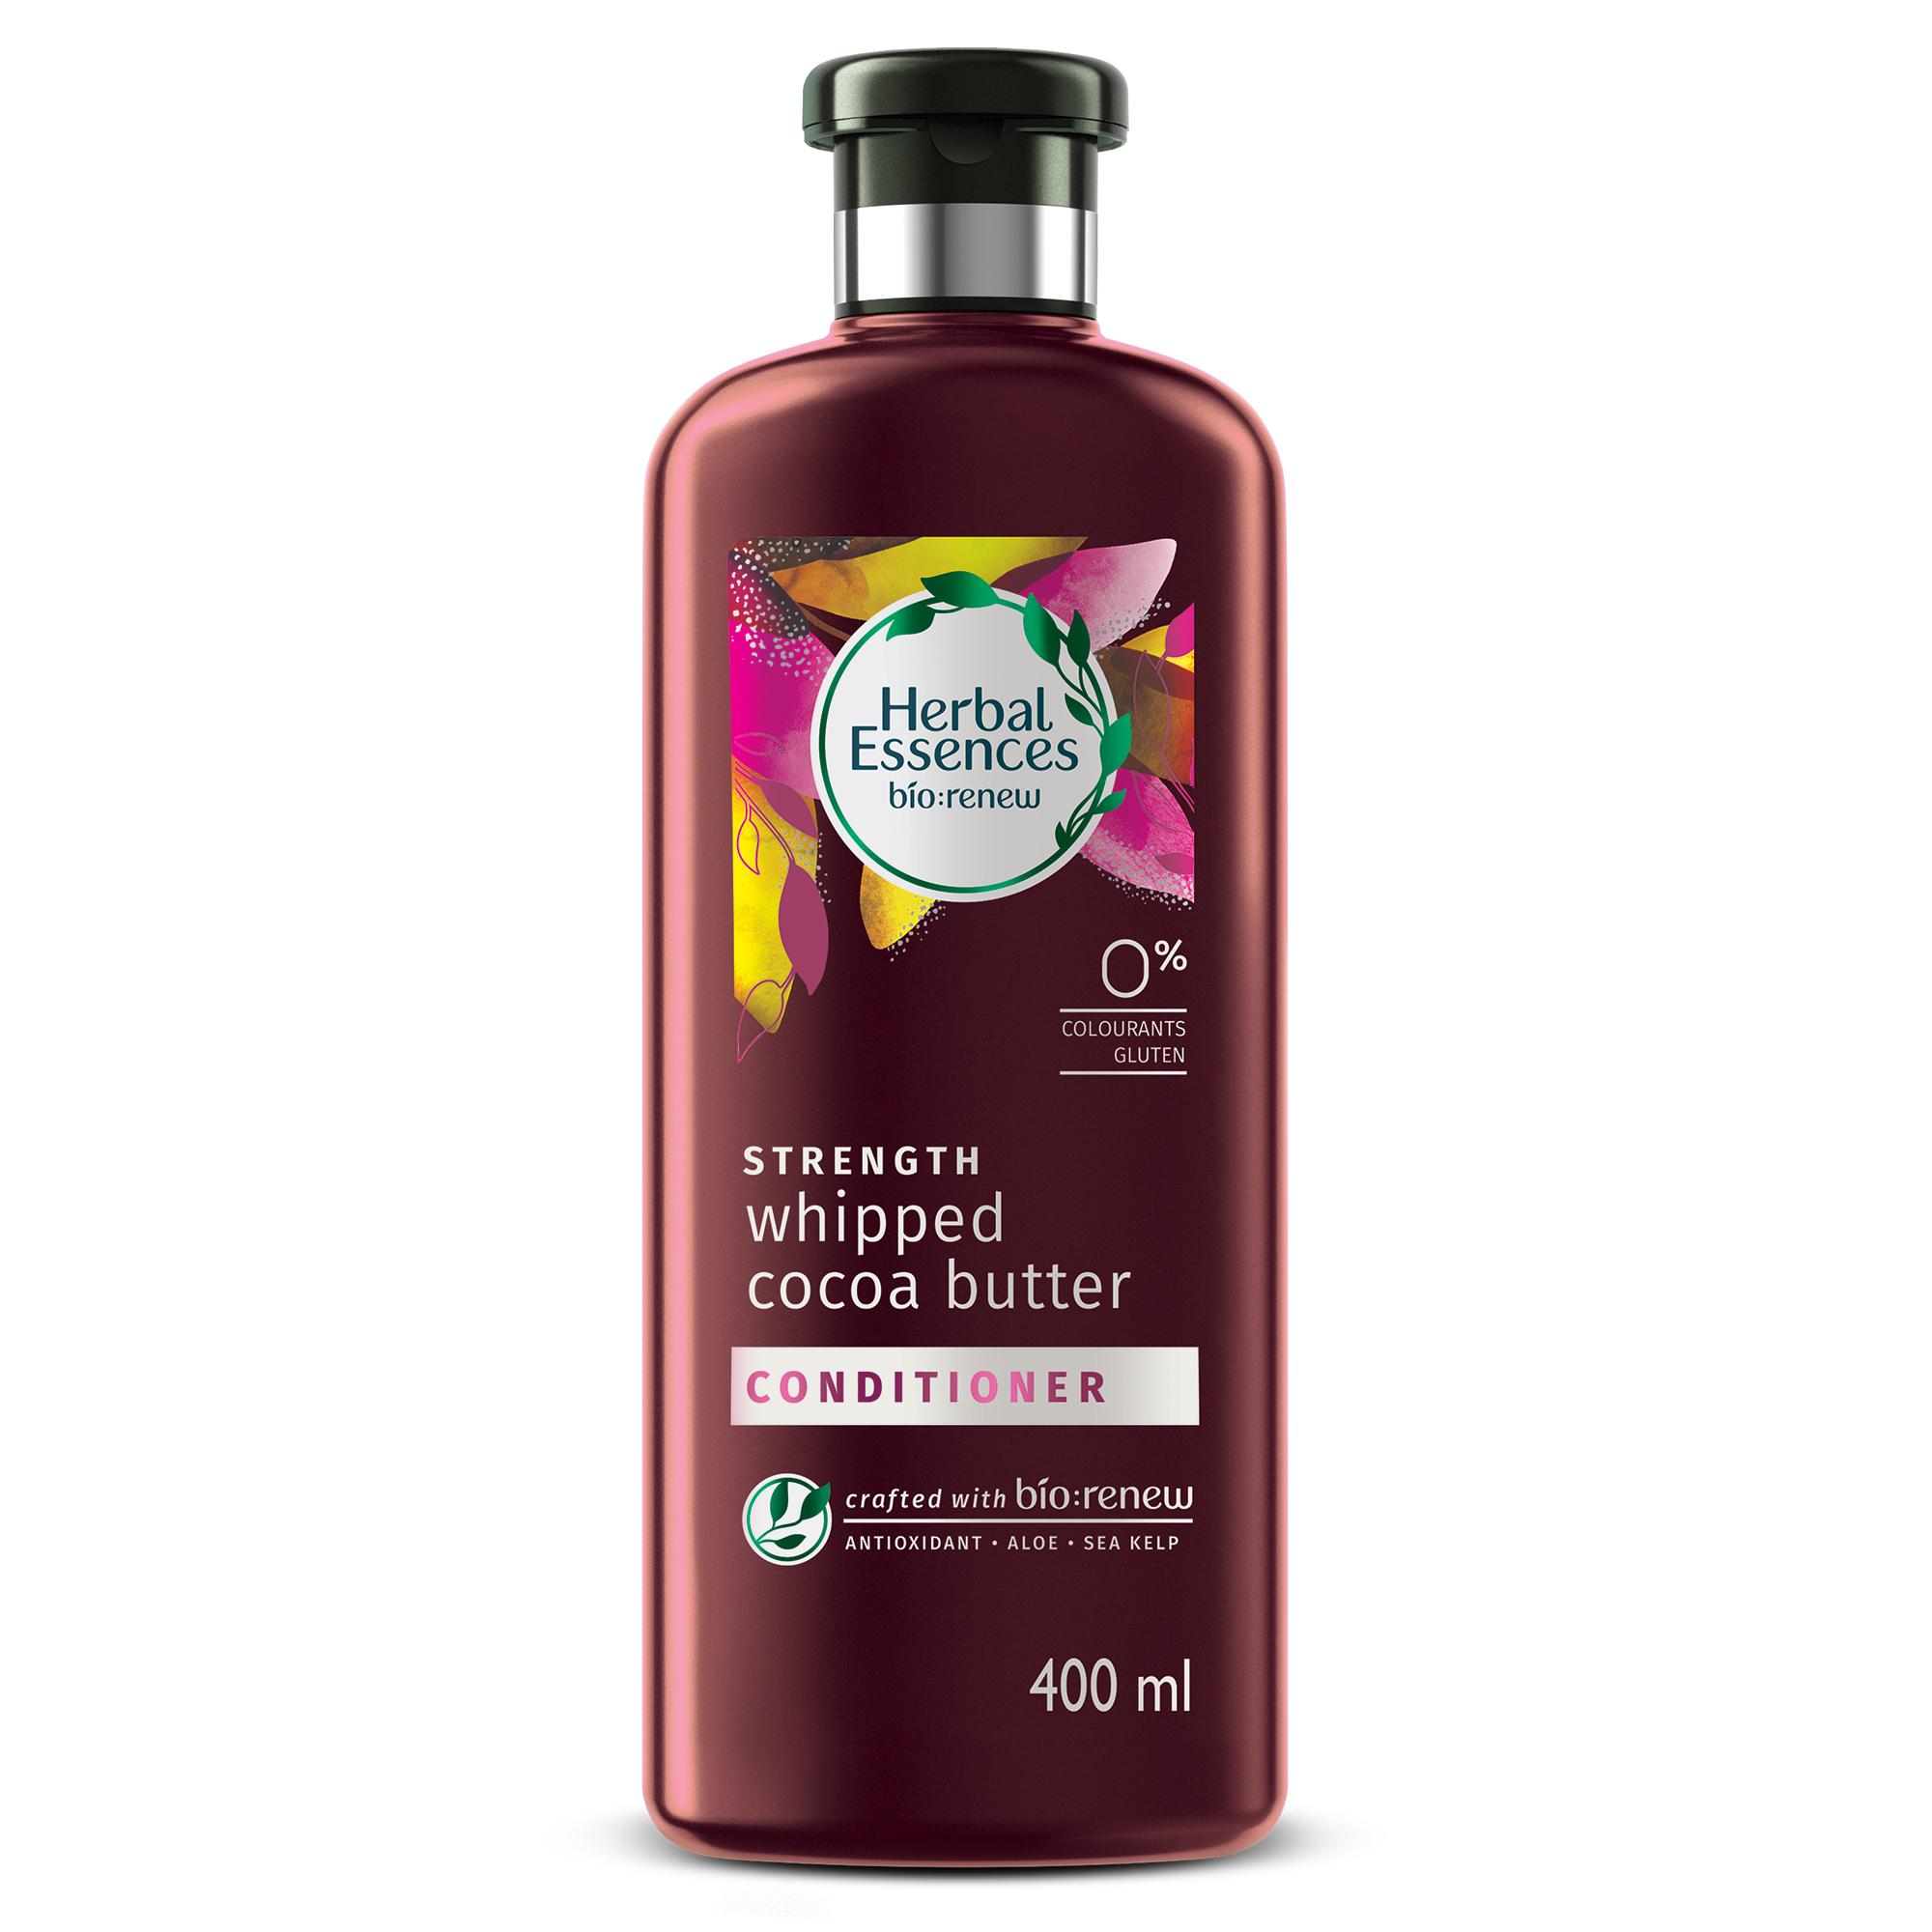 Herbal Essences Bio:Renew Vitamin E With Cocoa Butter Conditioner, 400Ml | No Parabens No Colourants